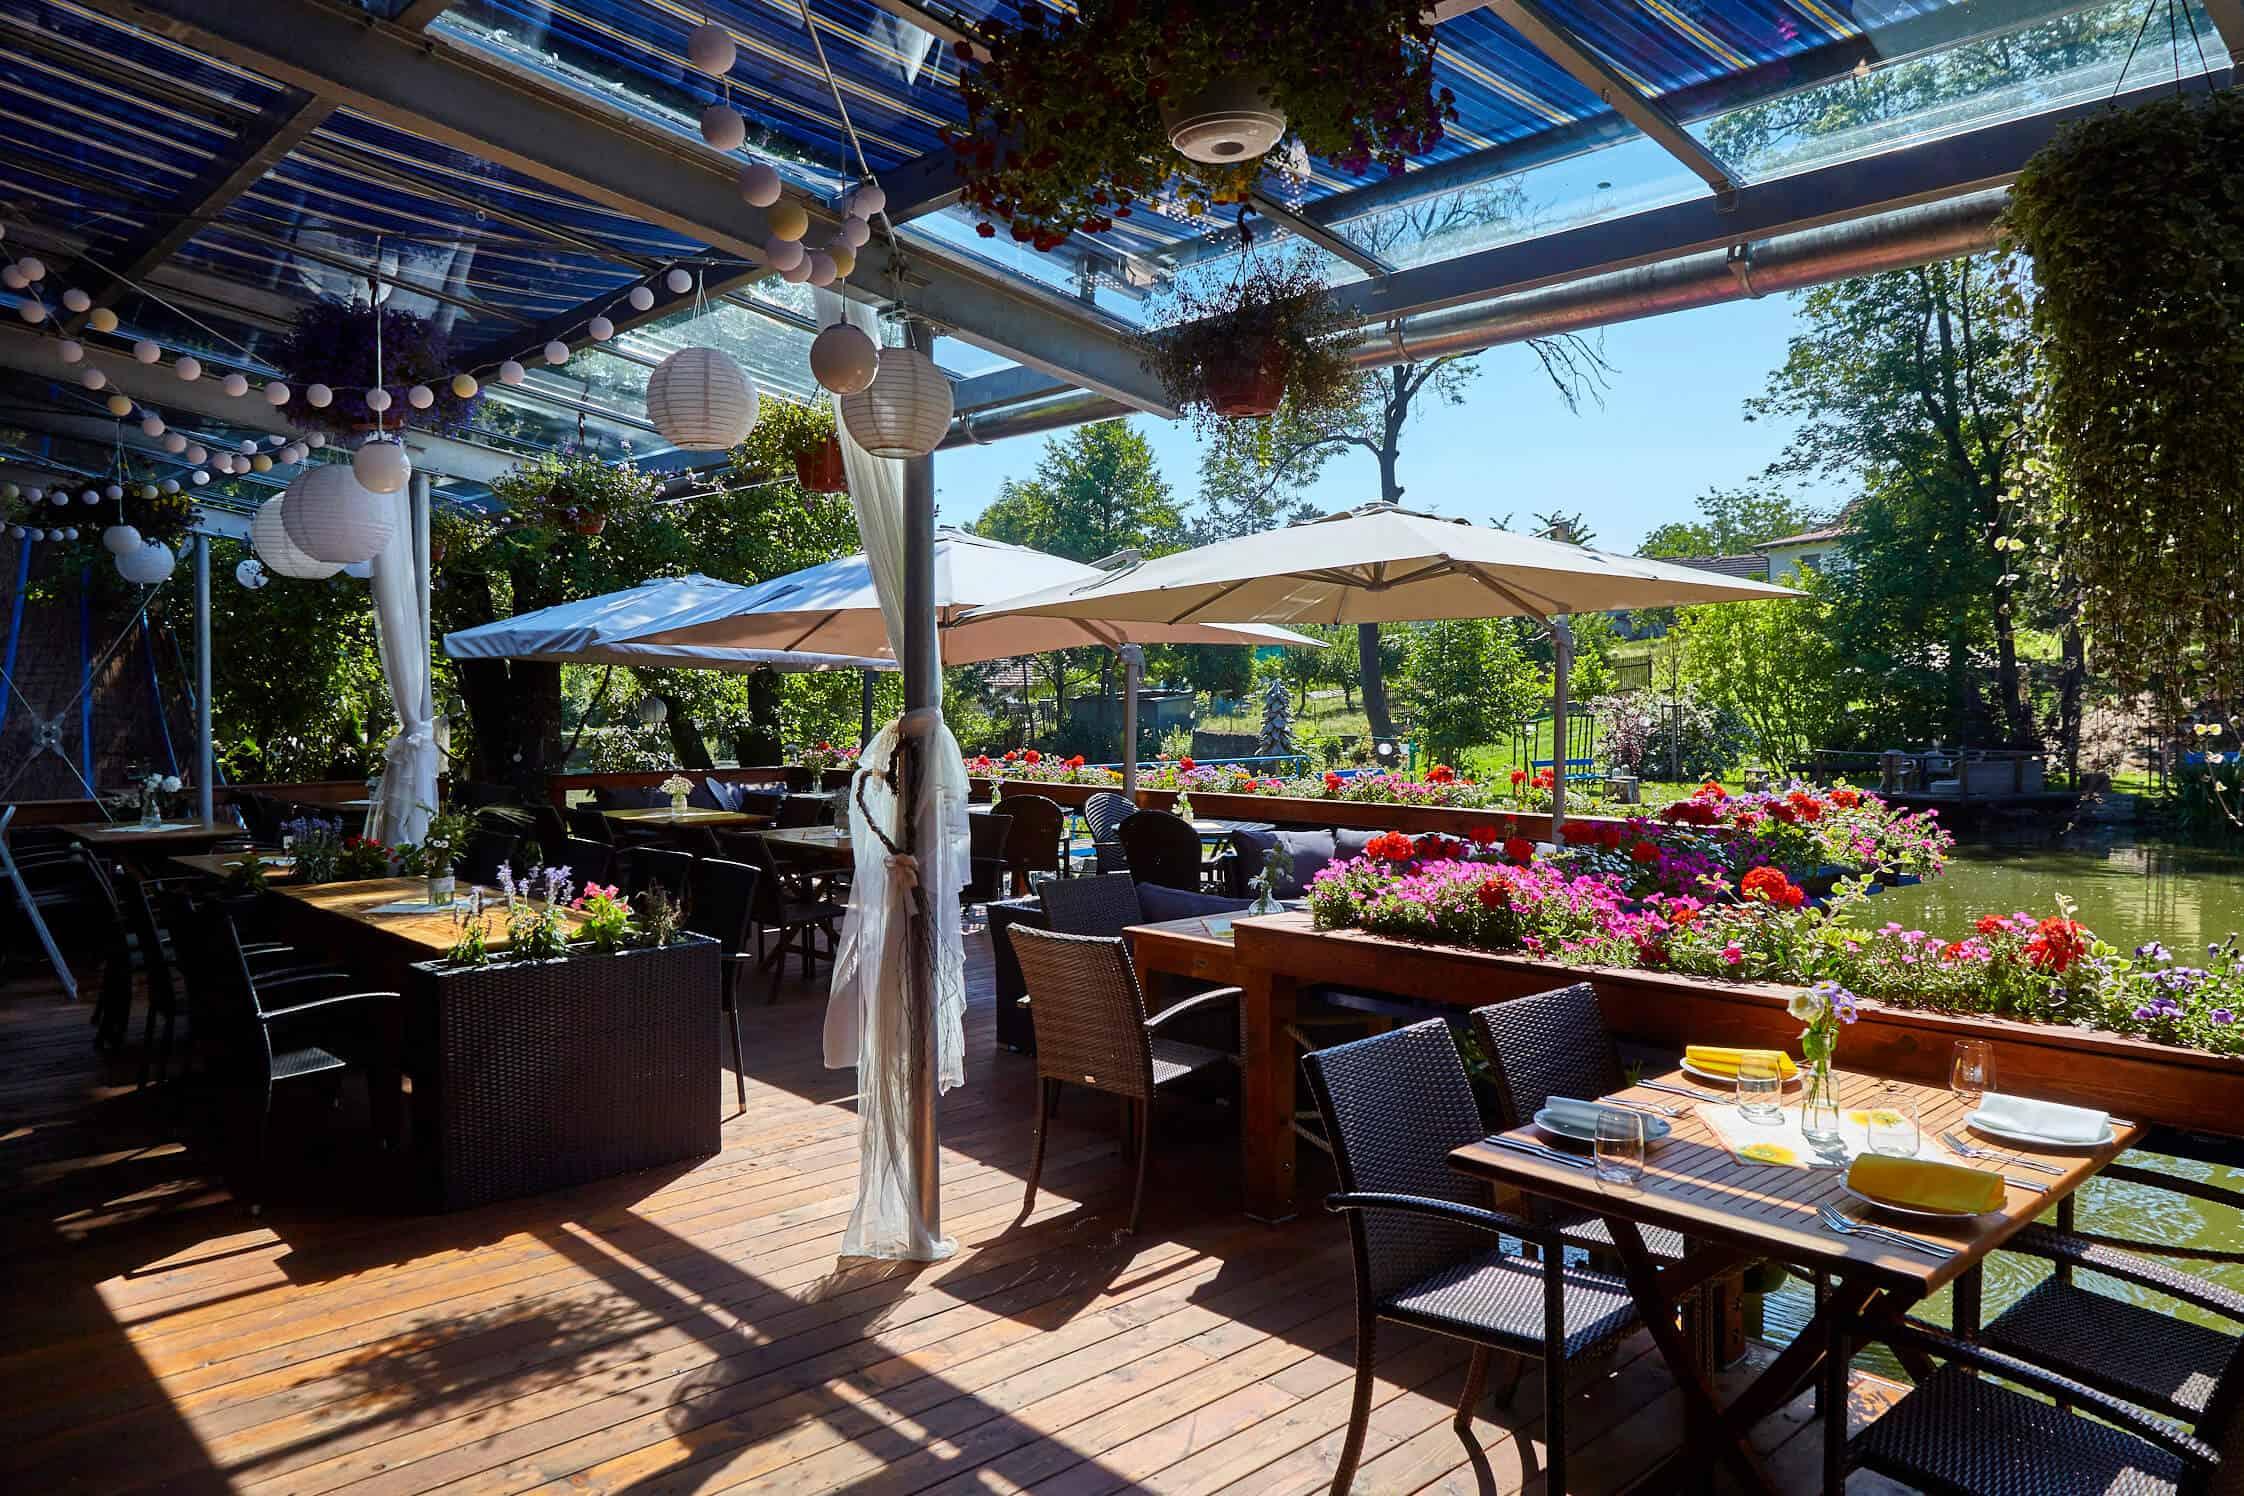 Hliněná bašta terasa se slunečníky